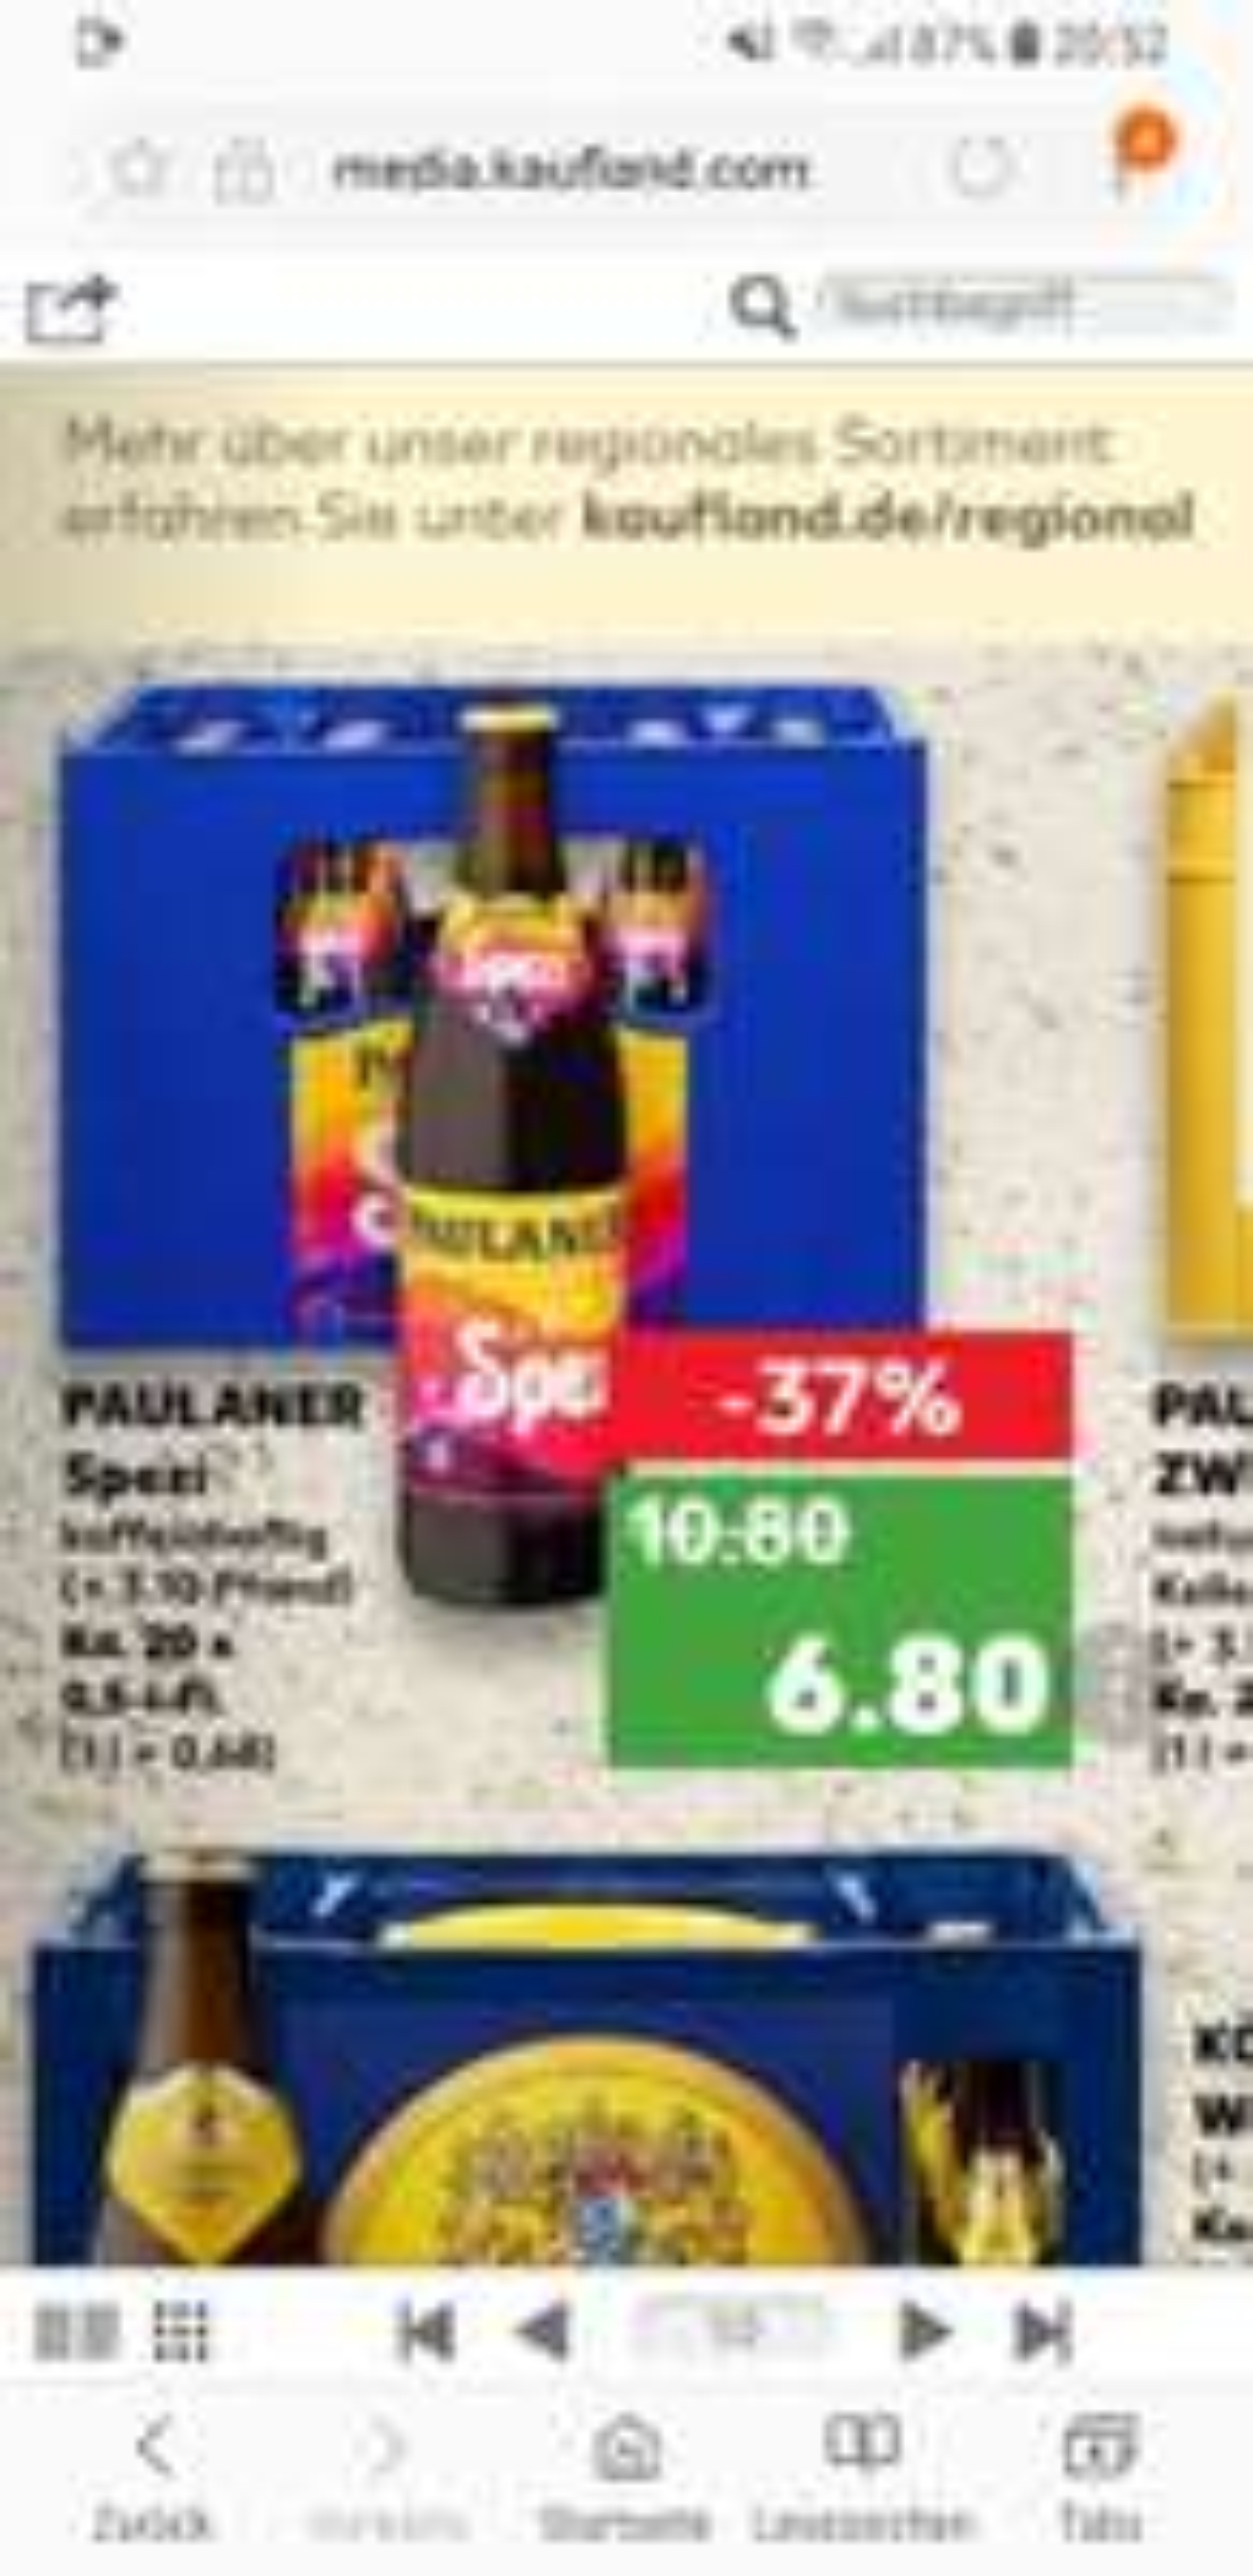 LOKAL ? Kaufland Paulaner Spezi Kasten für 6,80€